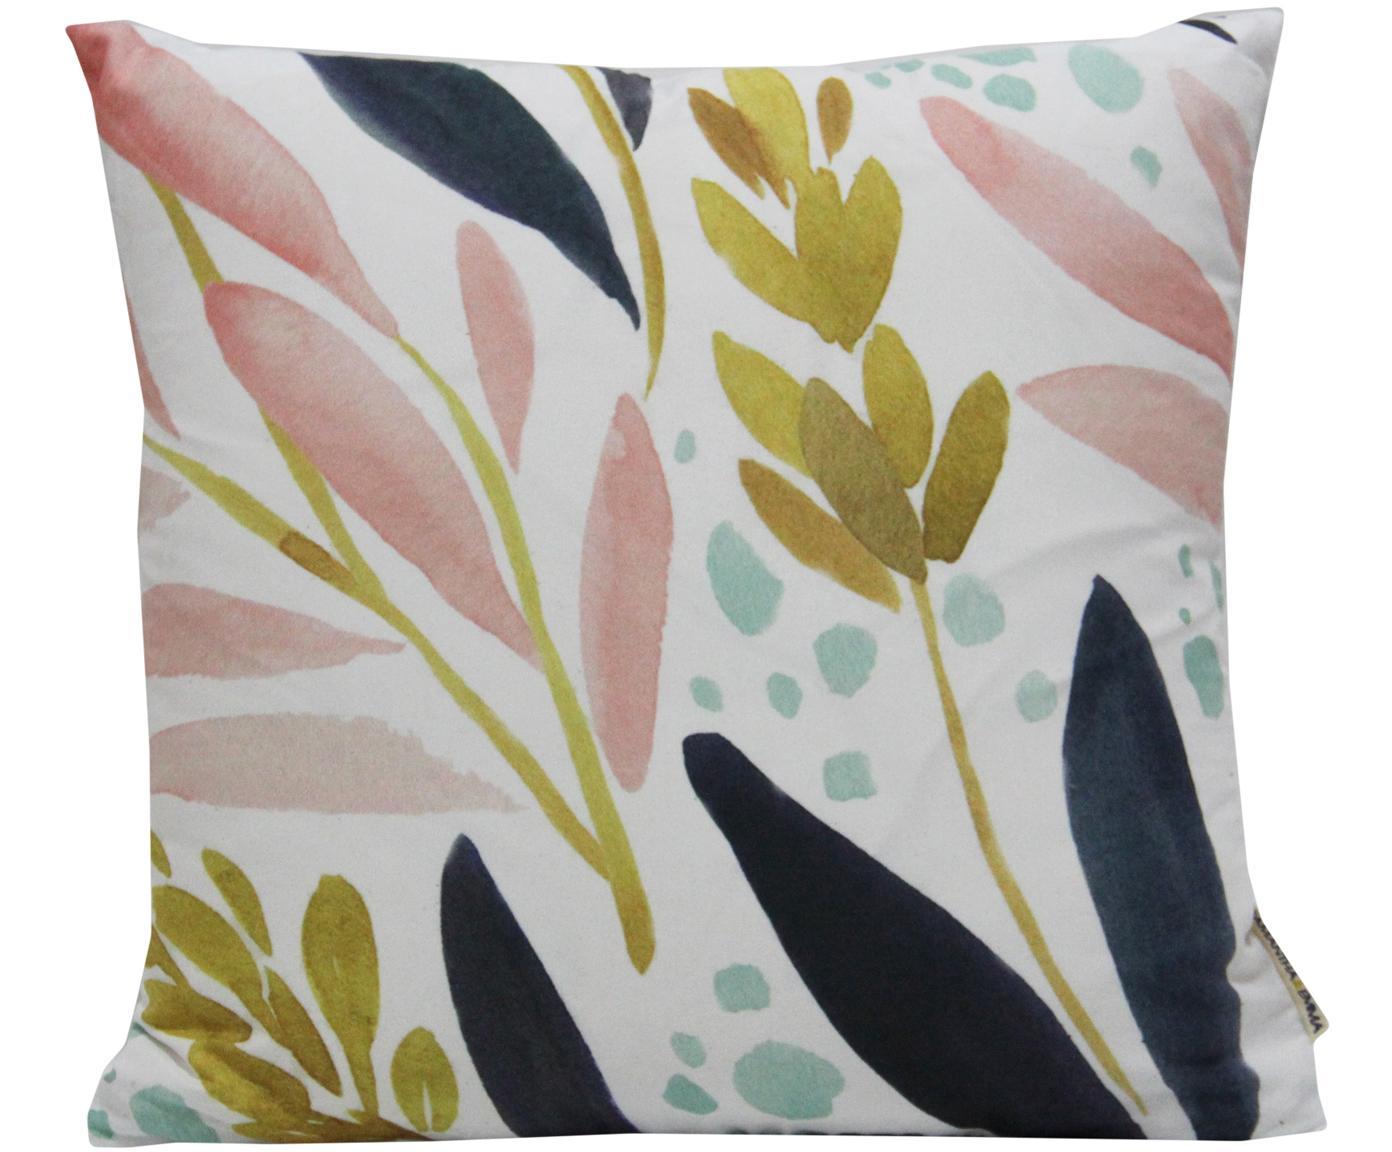 Kissenhülle Agia mit Aquarell Print, 100% Polyester, Weiß, Dunkelblau, Hellblau, Rosa, Senfgelb, 40 x 40 cm